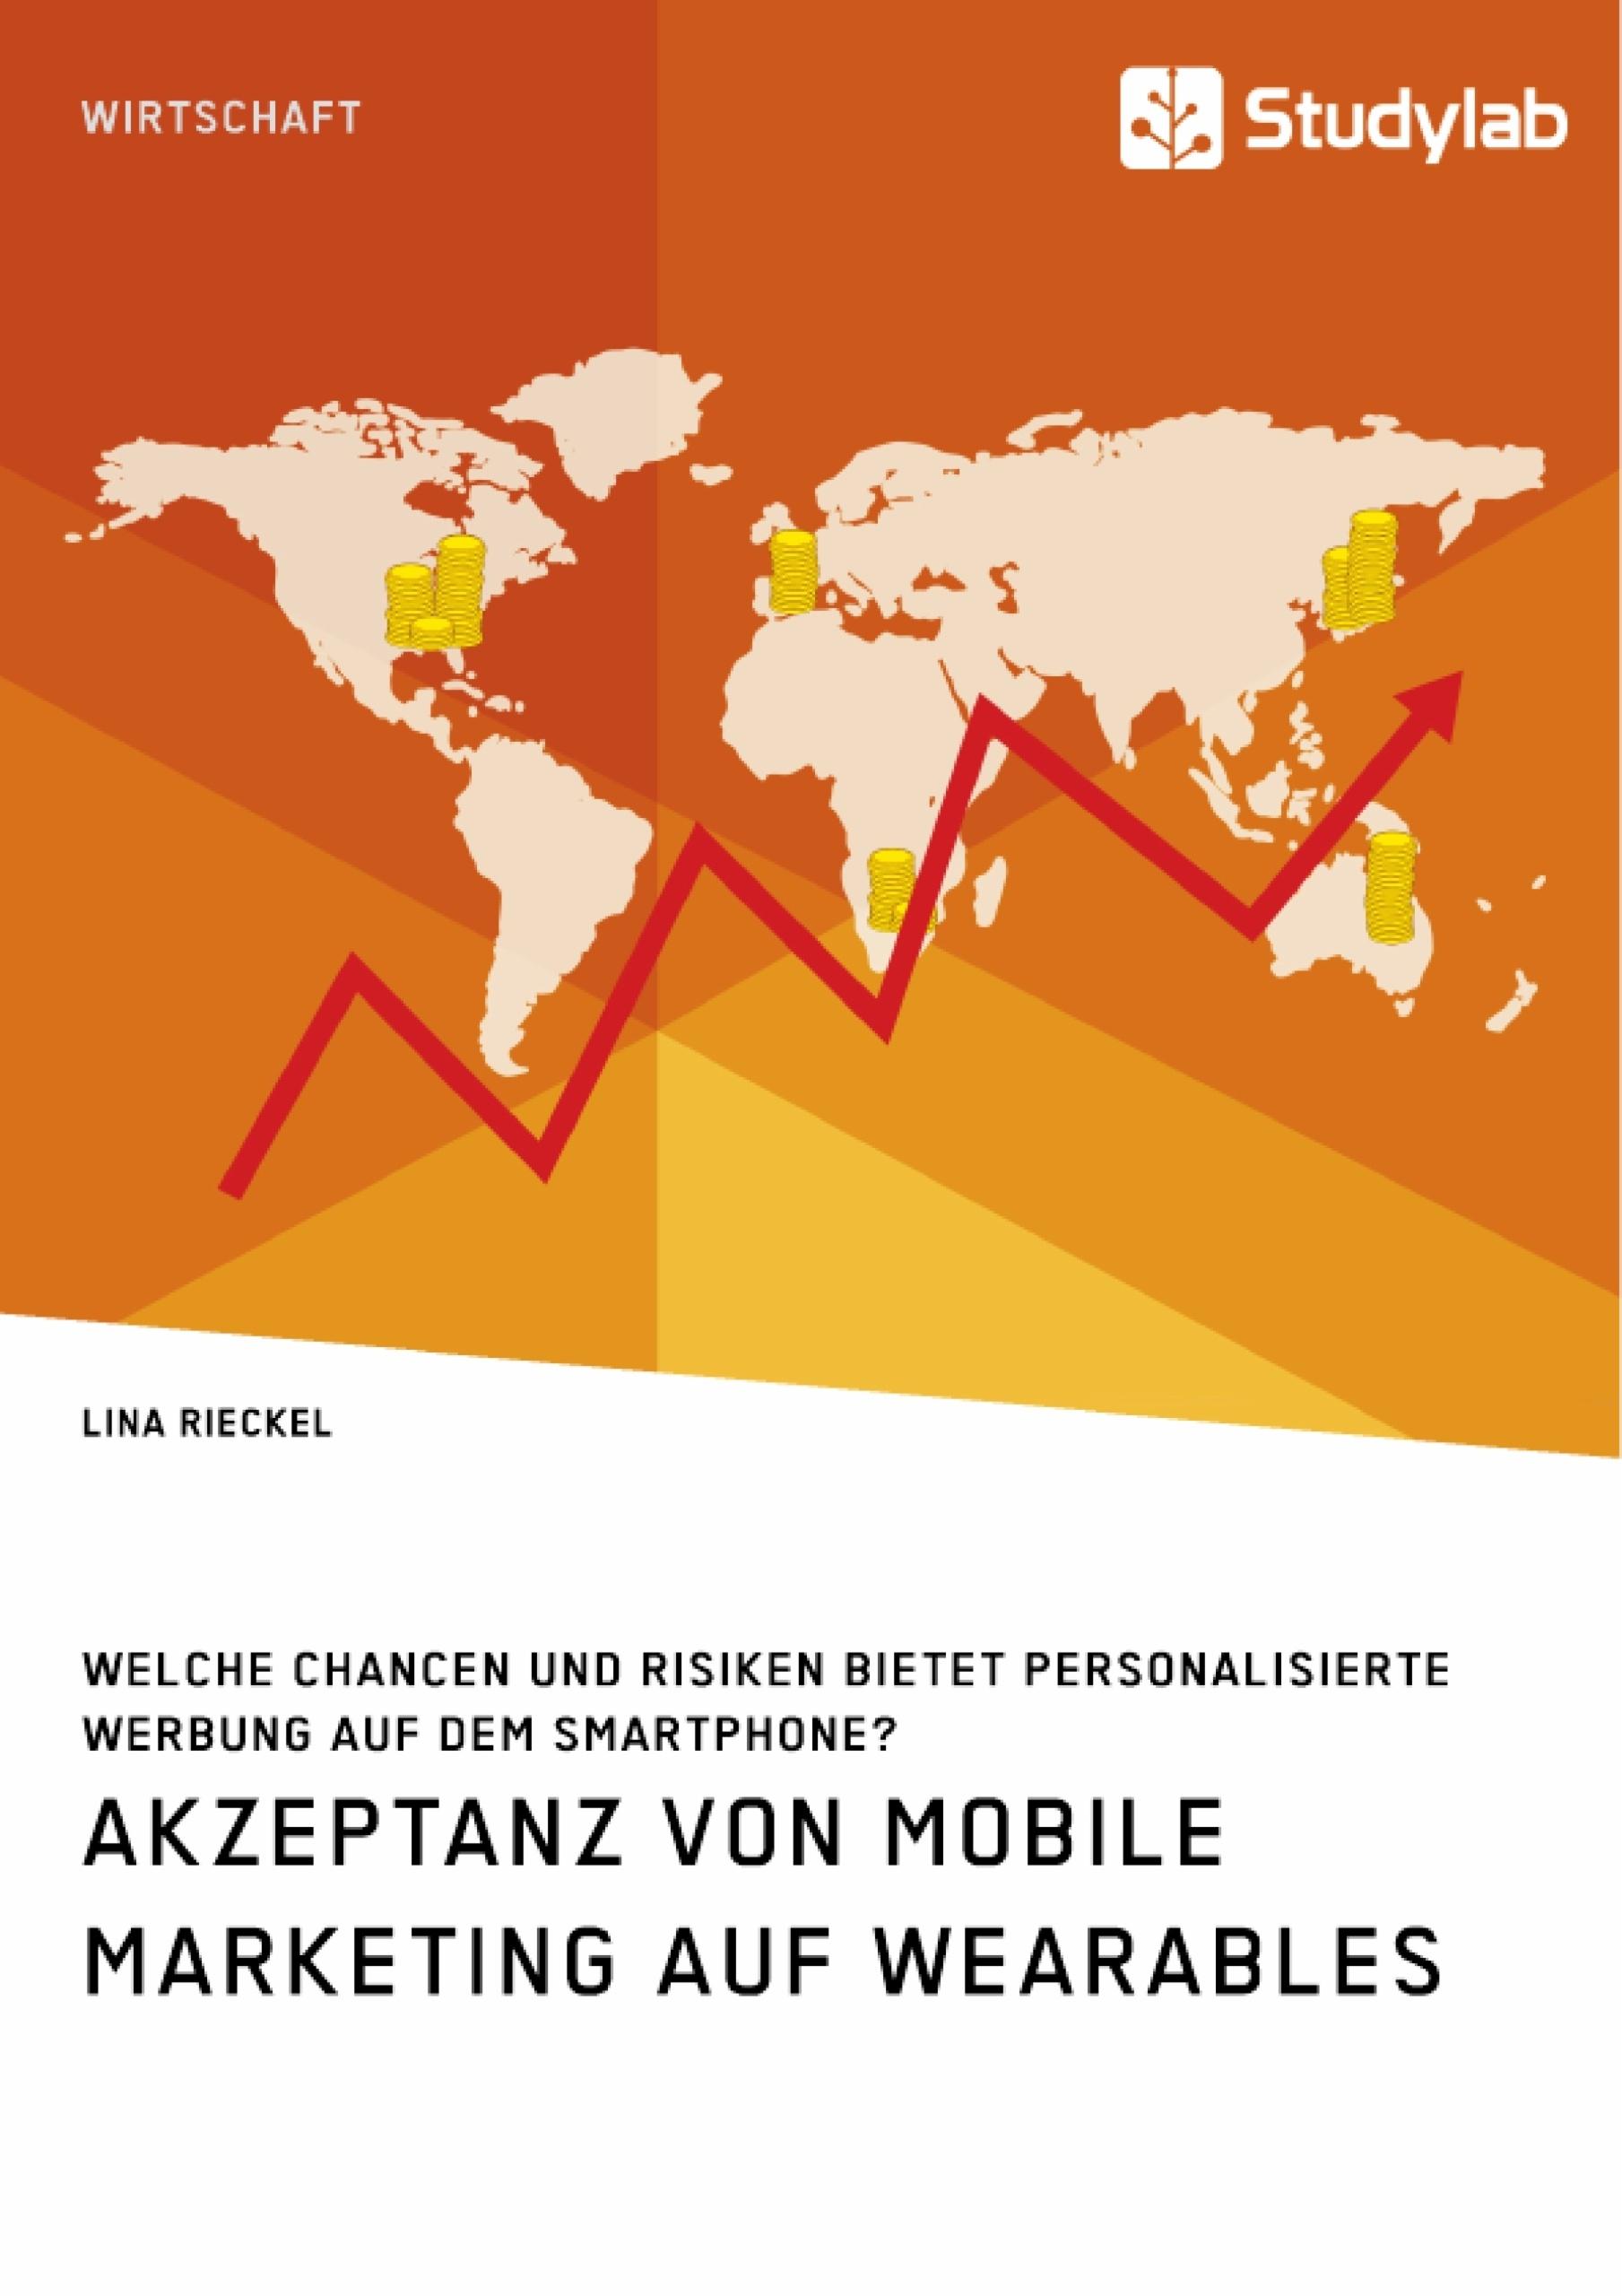 Titel: Akzeptanz von Mobile Marketing auf Wearables. Welche Chancen und Risiken bietet personalisierte Werbung auf dem Smartphone?